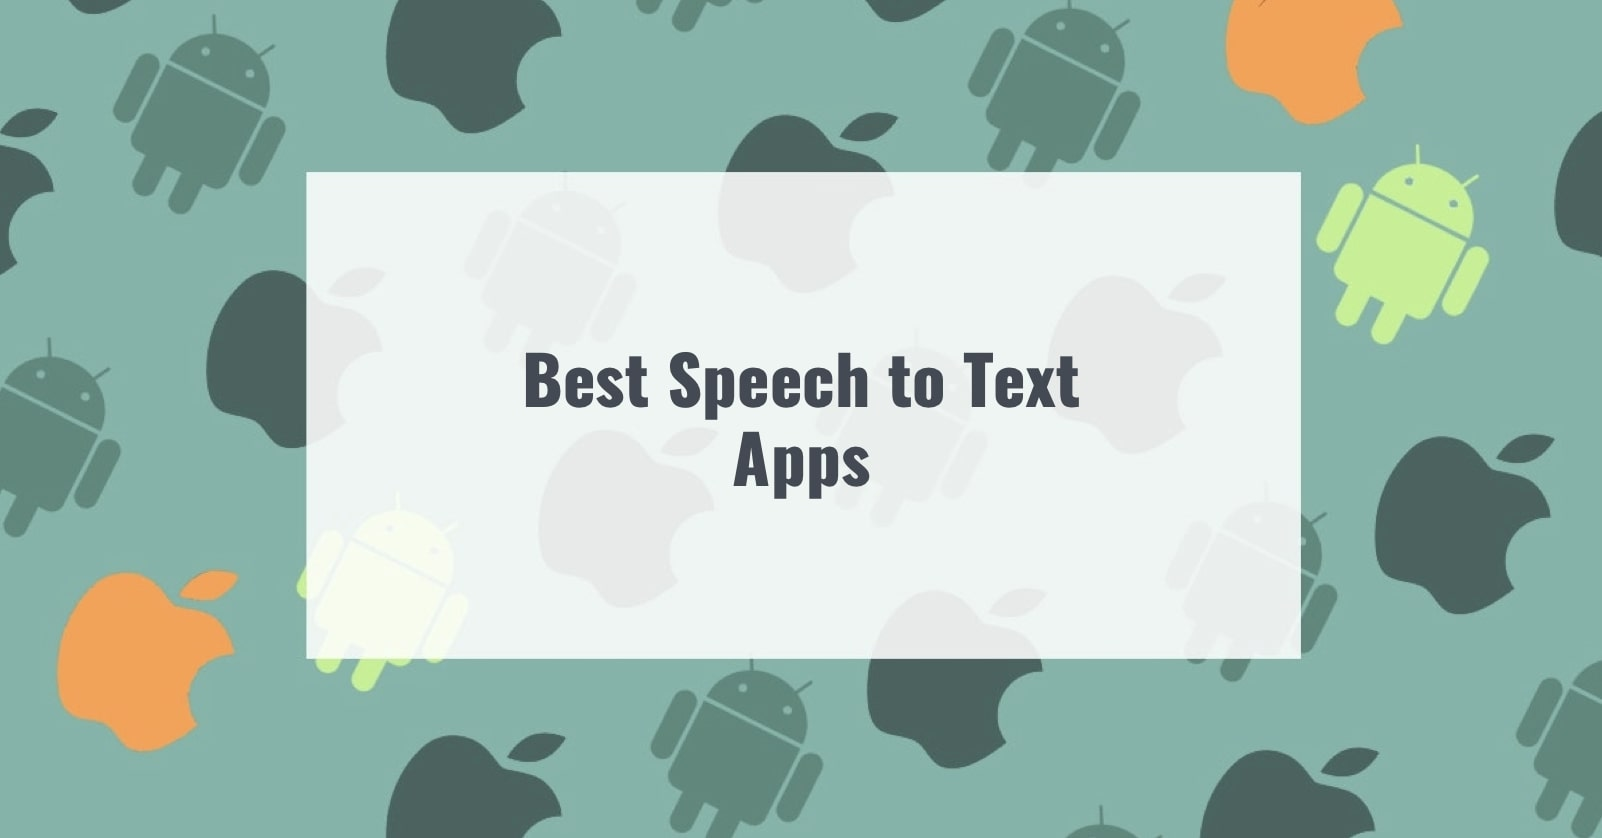 Best Speech to Text Apps